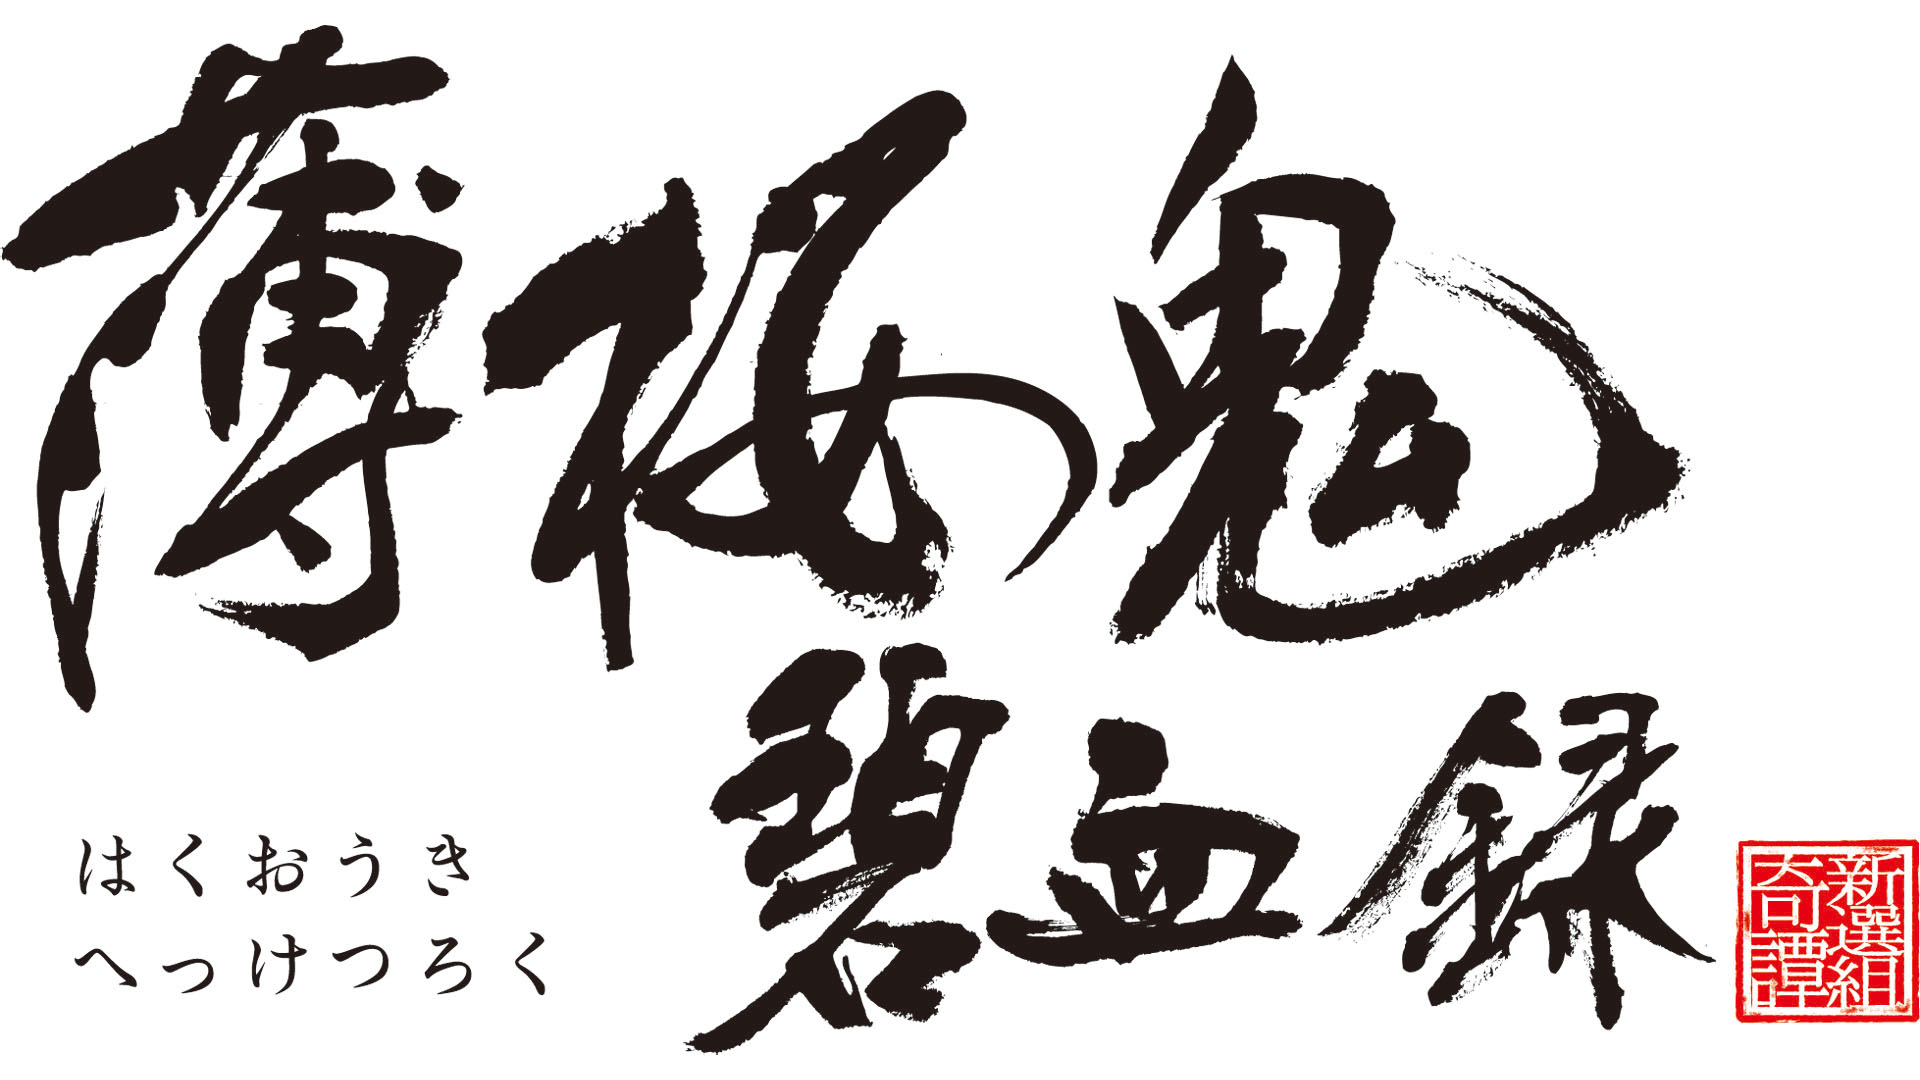 薄桜鬼 碧血録